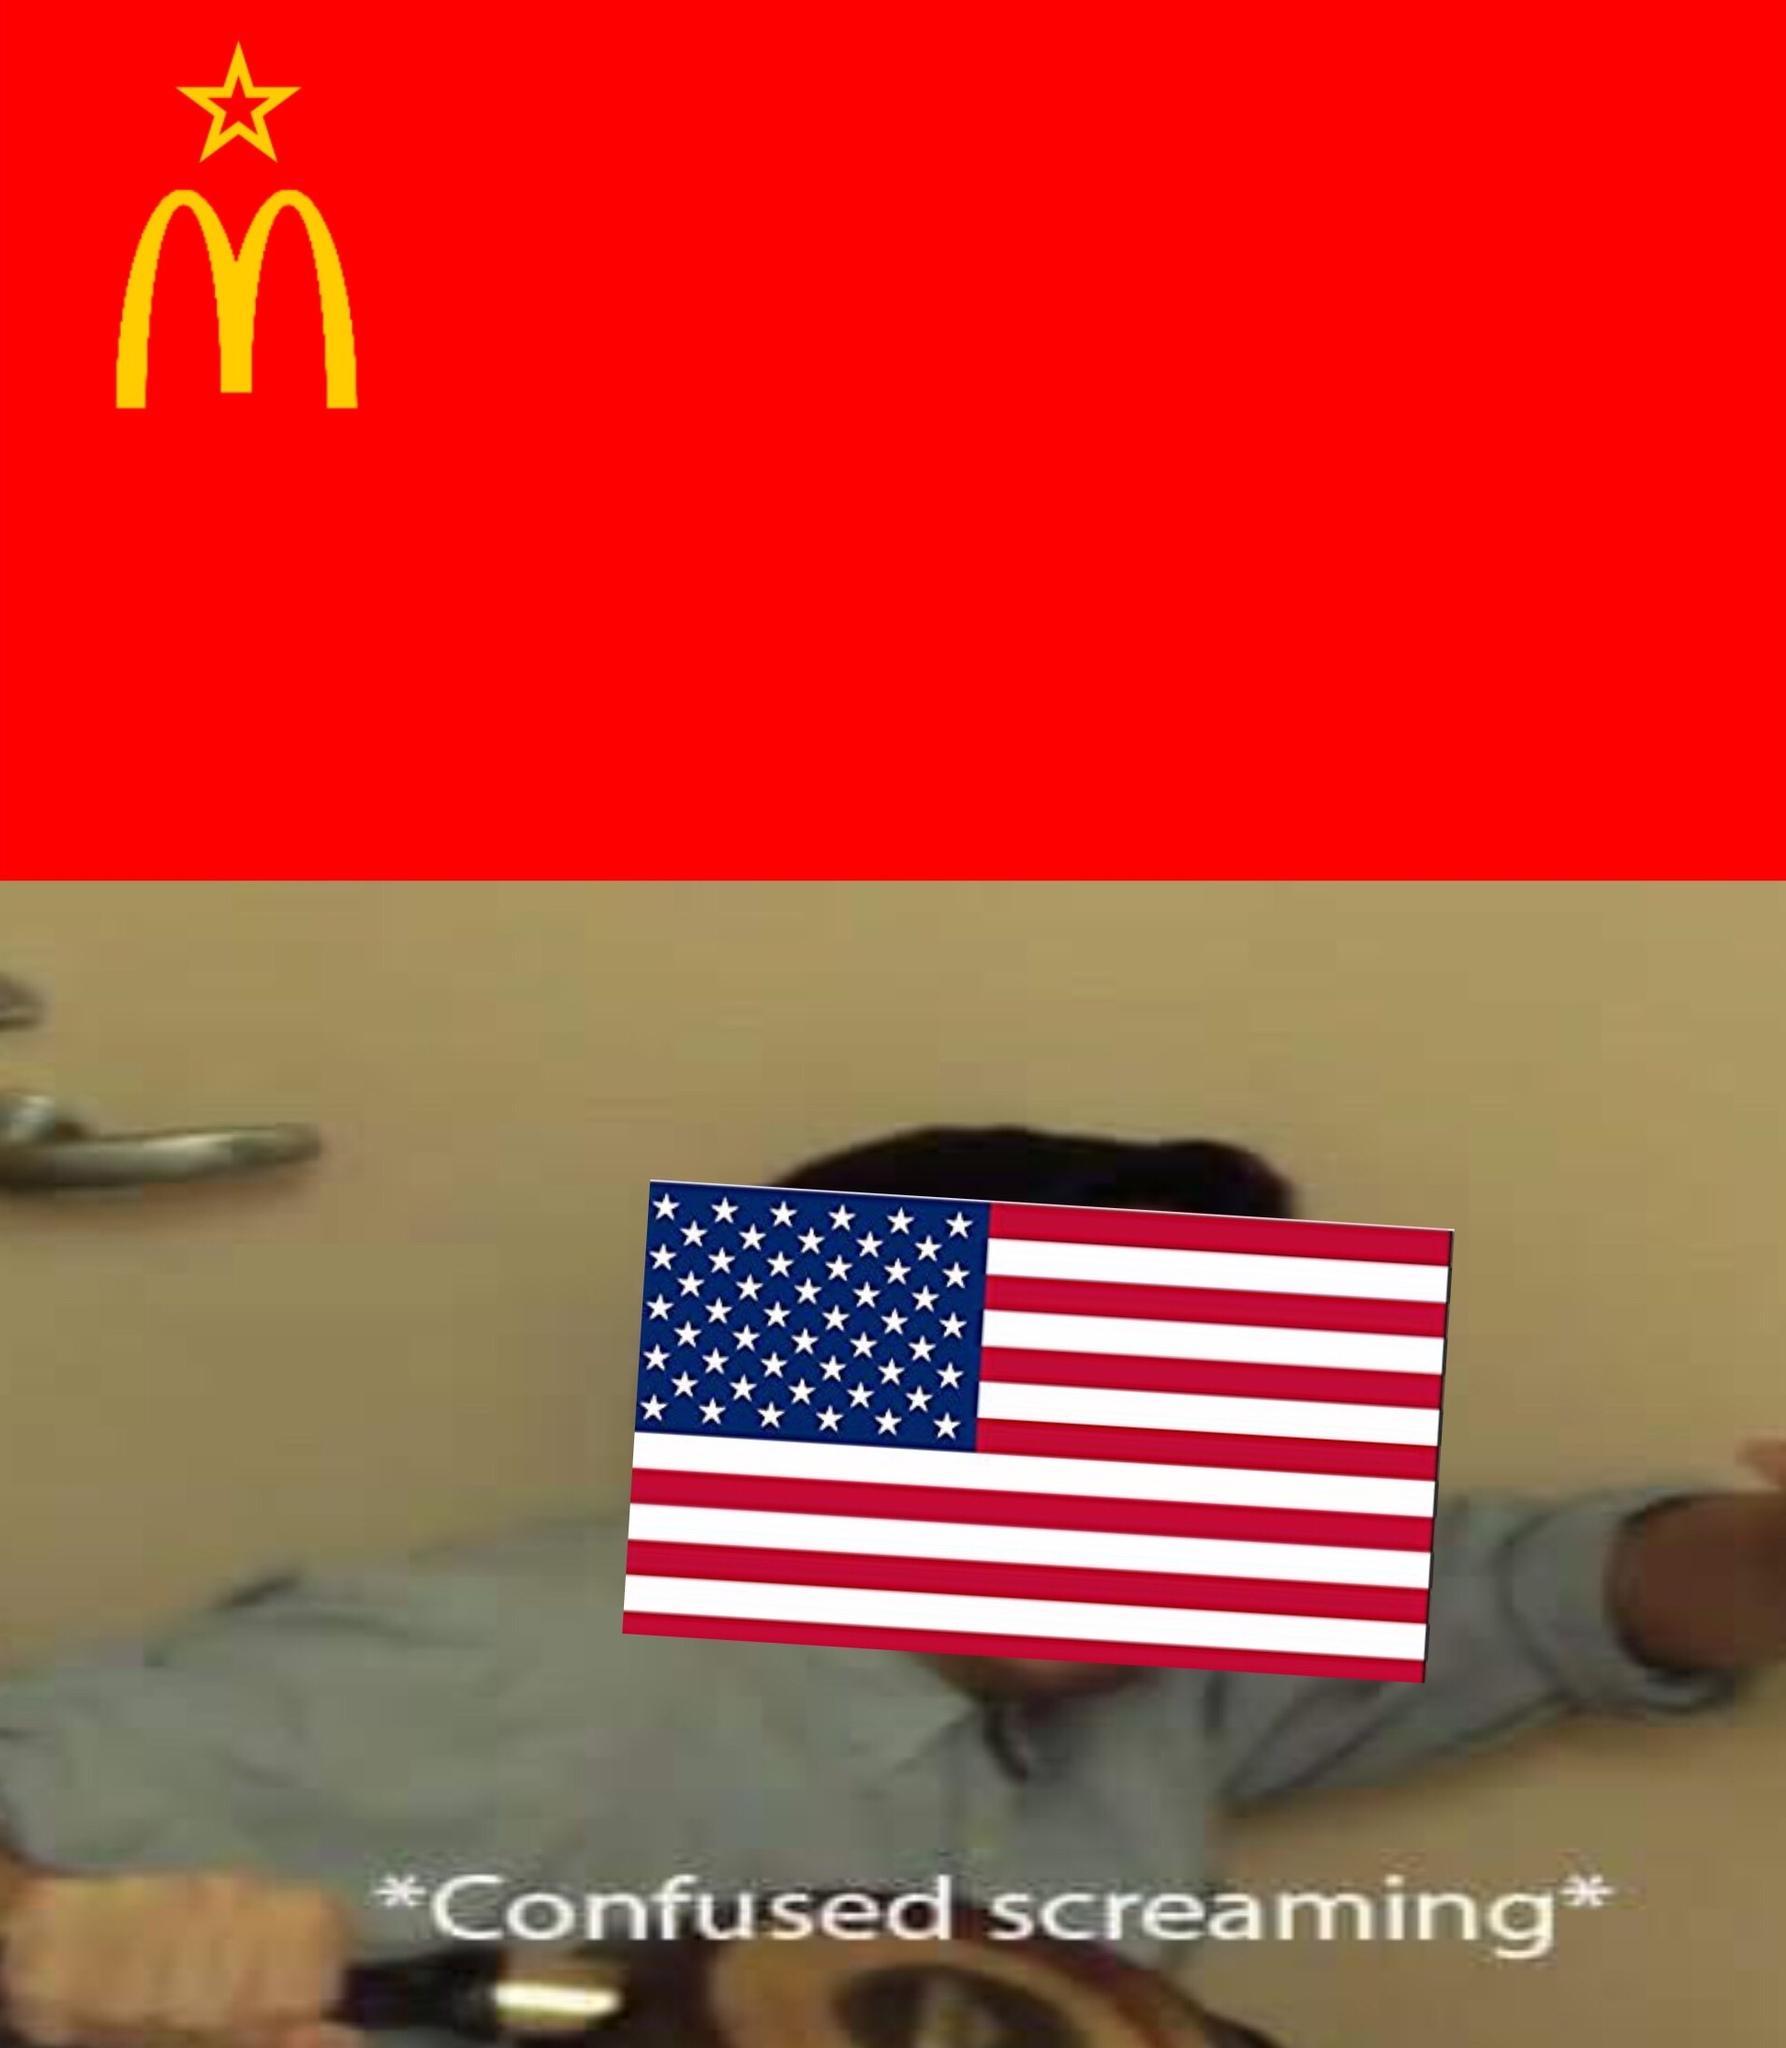 *himno sovietico de fondo* - meme